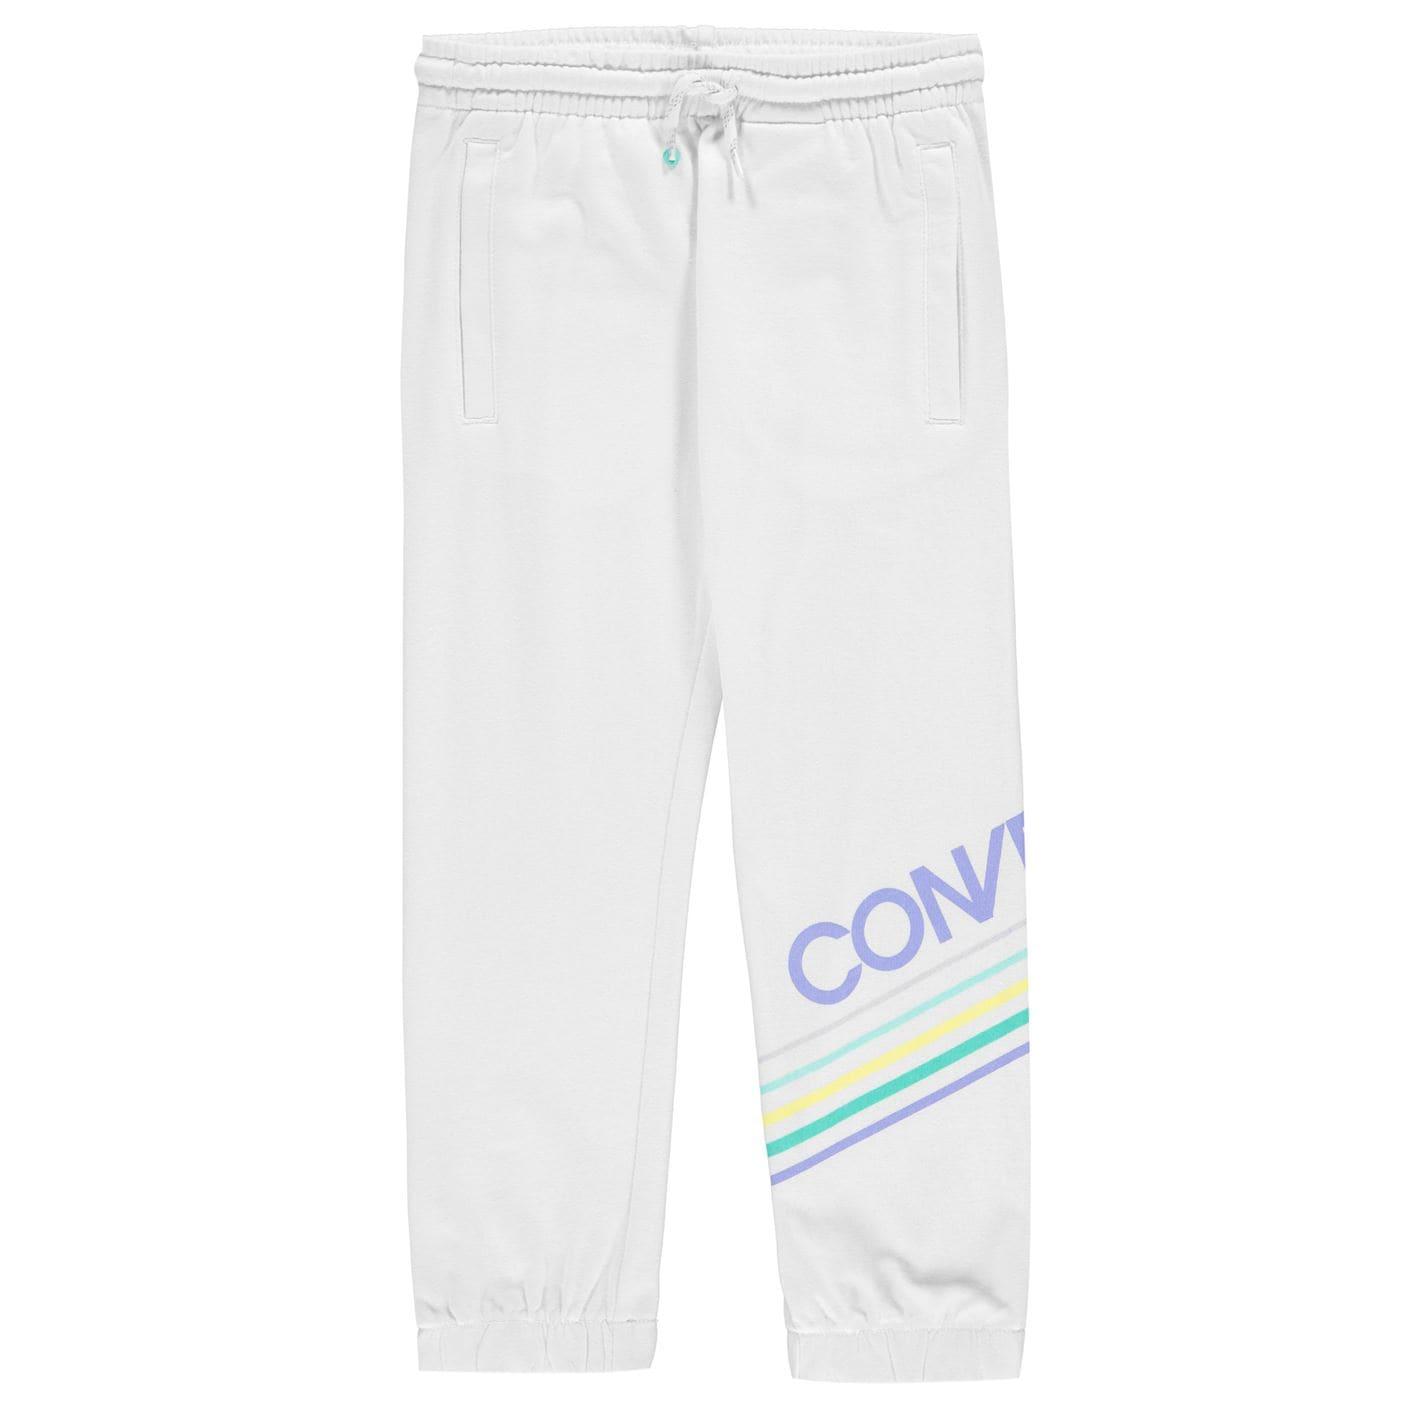 Pantaloni jogging Converse pentru fetite alb